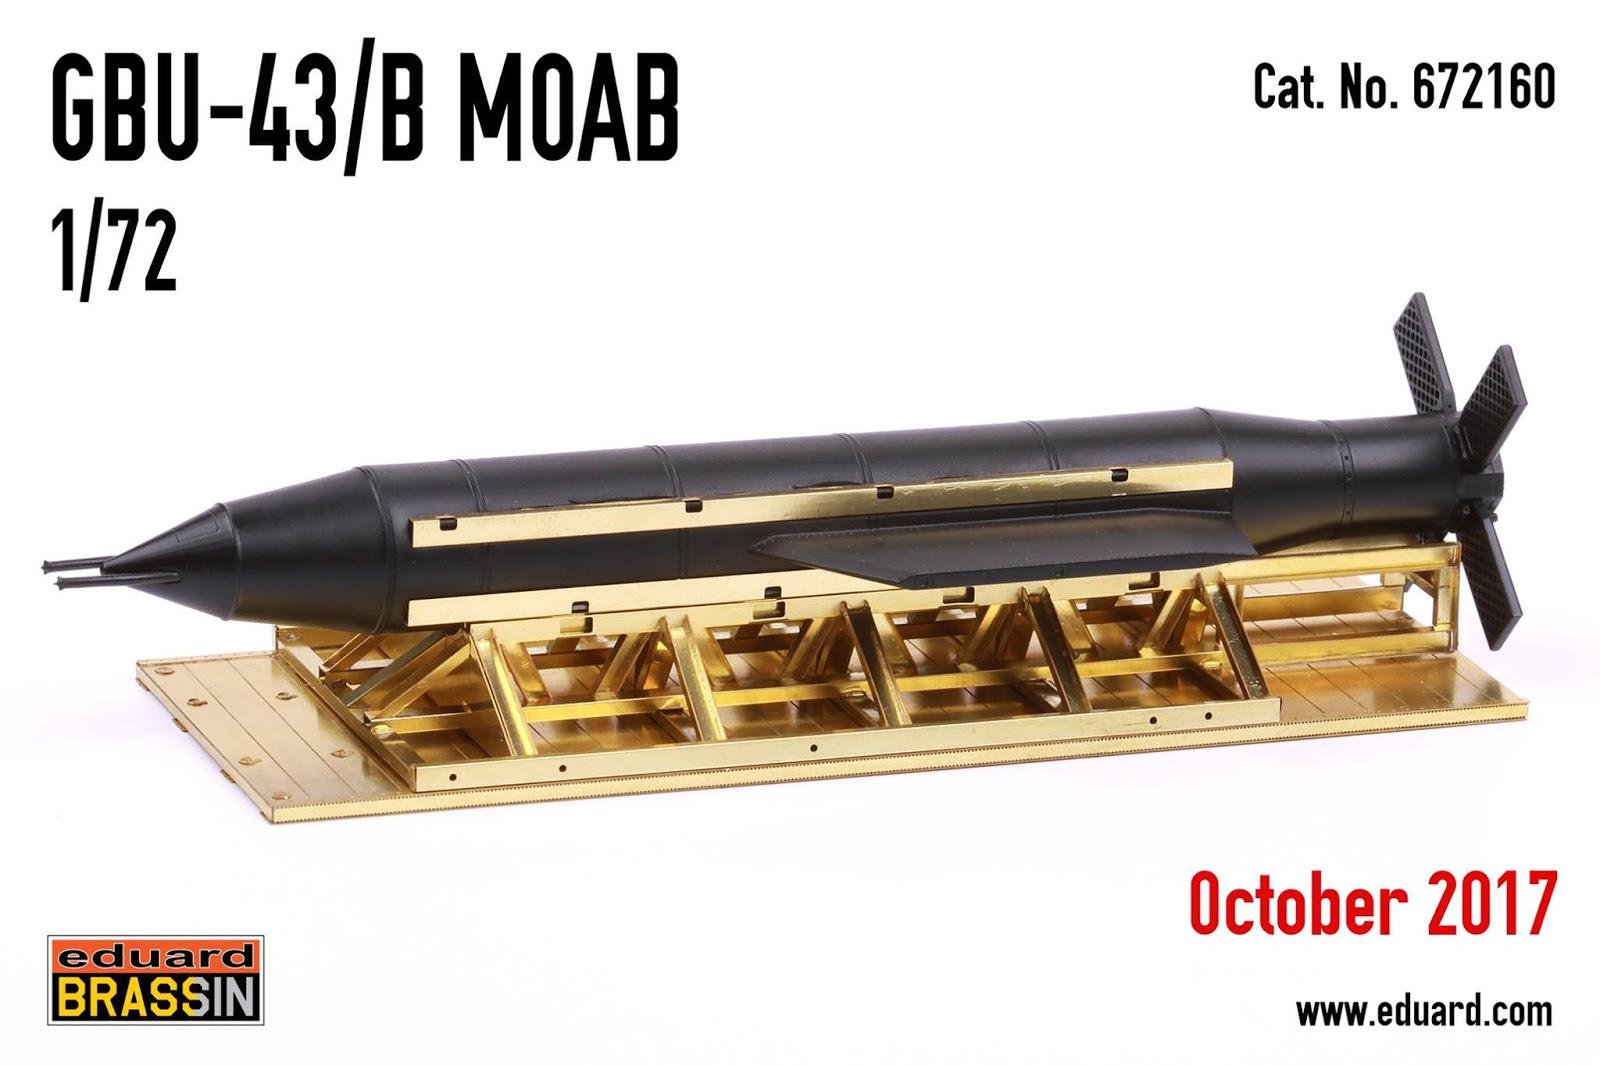 .:Eduard:. GBU-43/B MOAB for #october - 1_72_aircraft_news